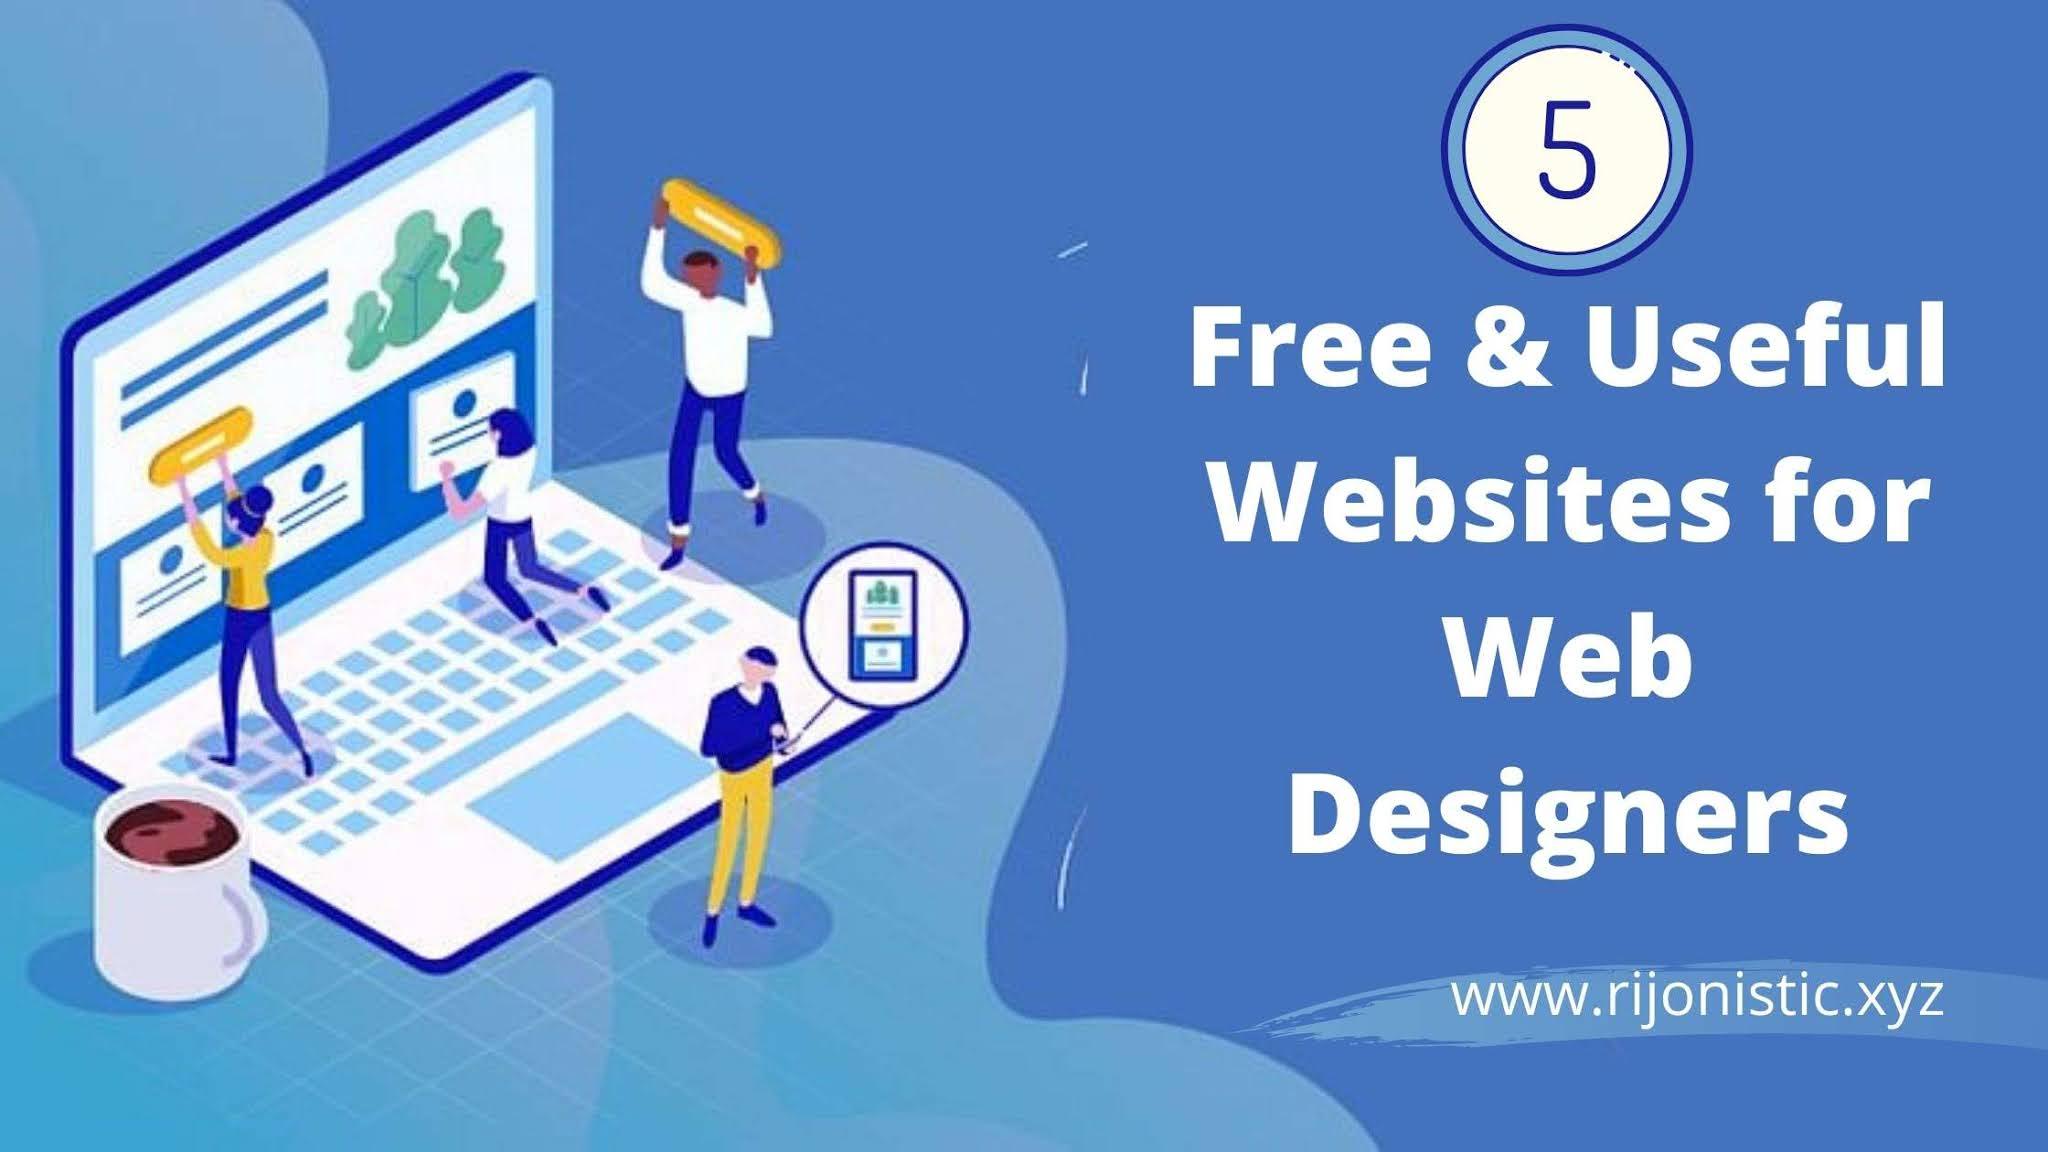 Most useful websites for web designers, 5 websites a designer must use, Best free useful website for web designers, useful website for designers 2020,